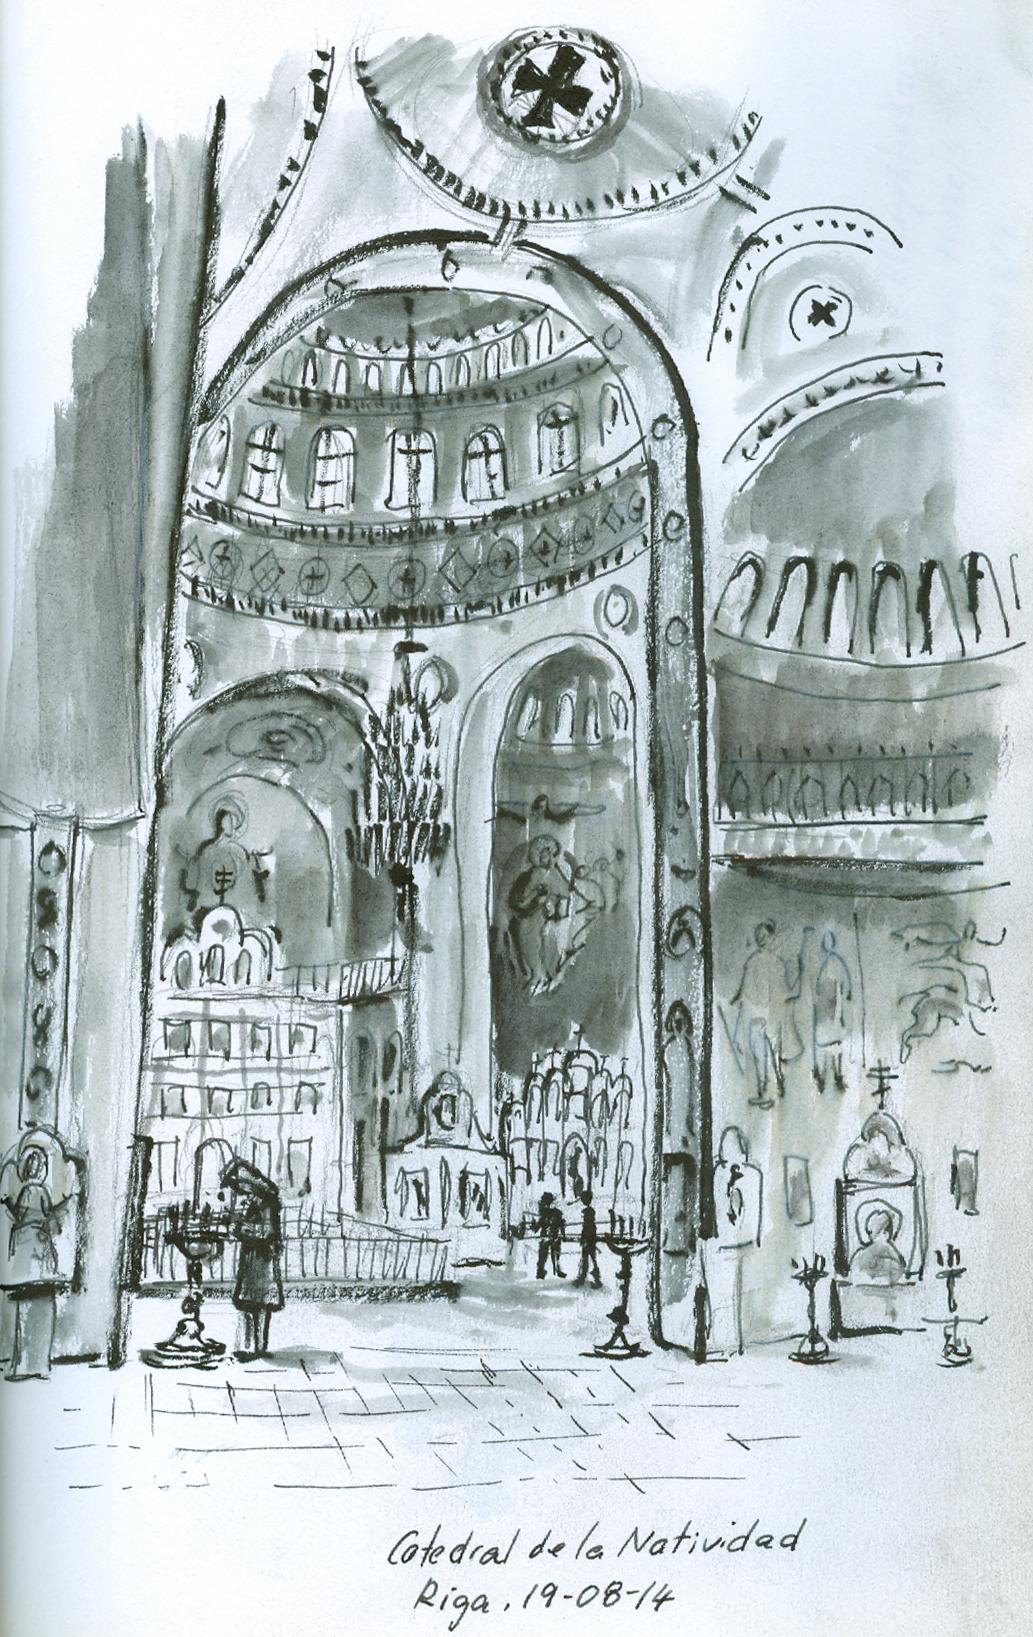 Catedral ortodoxa, Riga